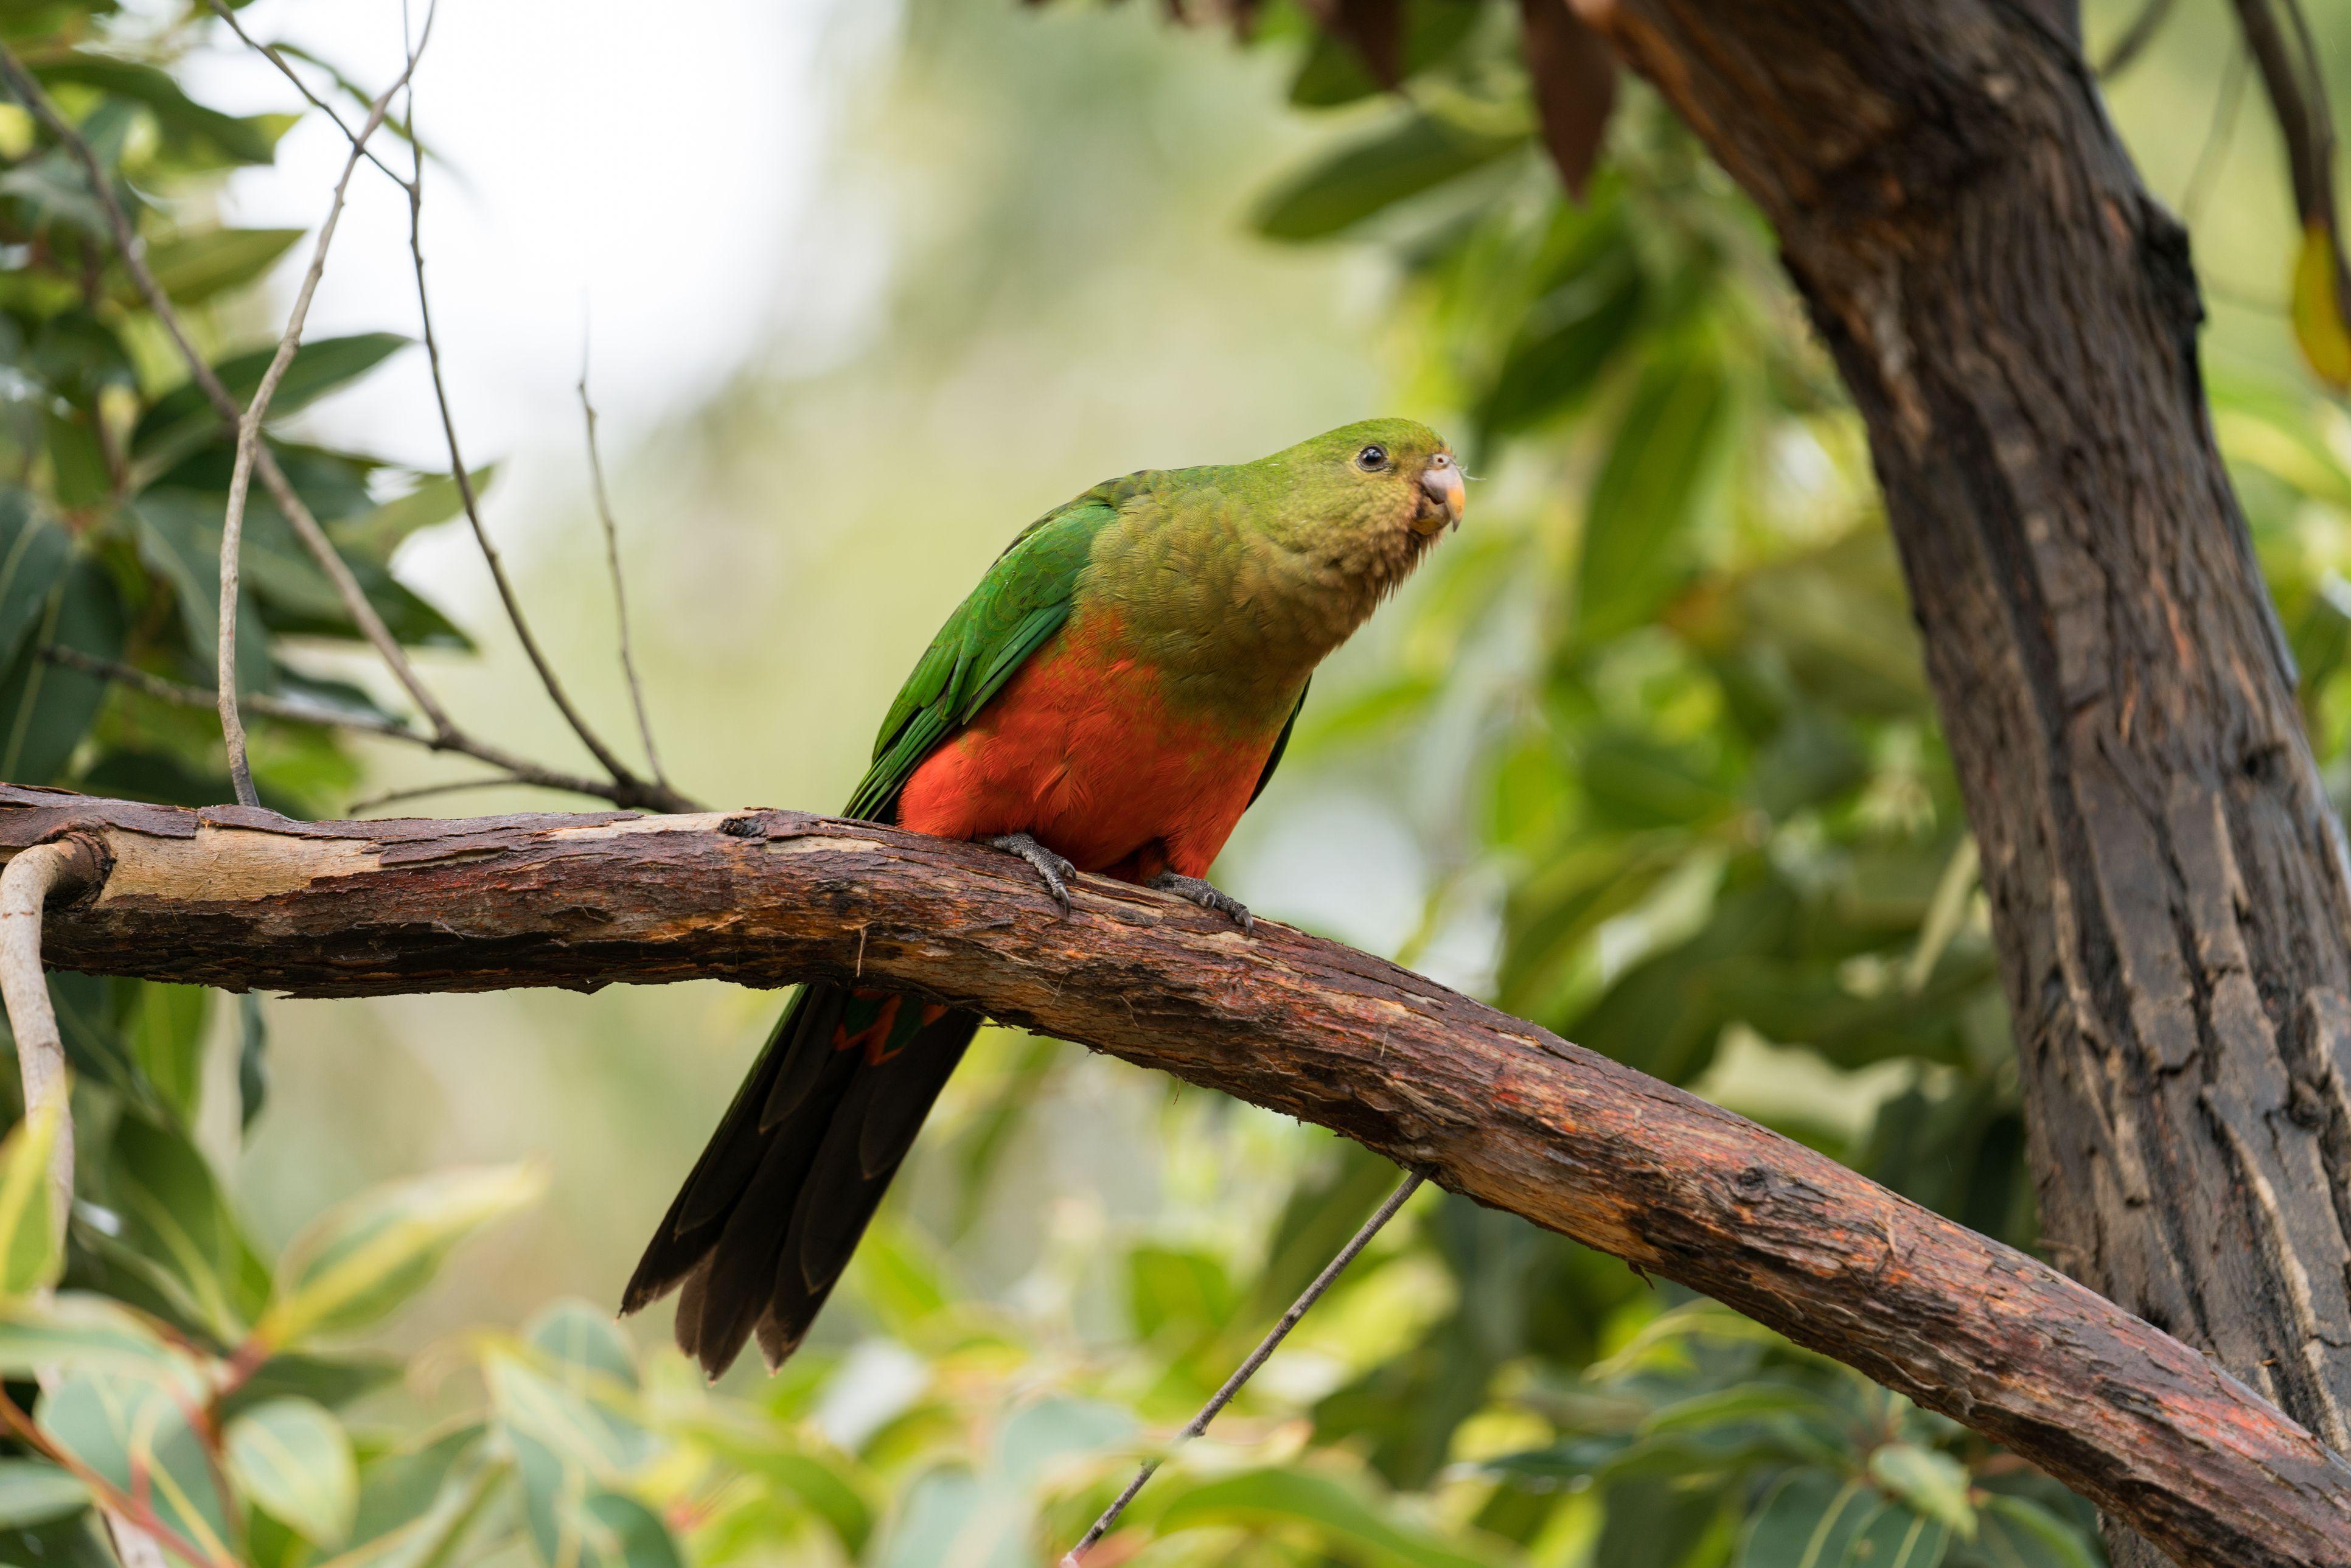 Female Australian king parrot